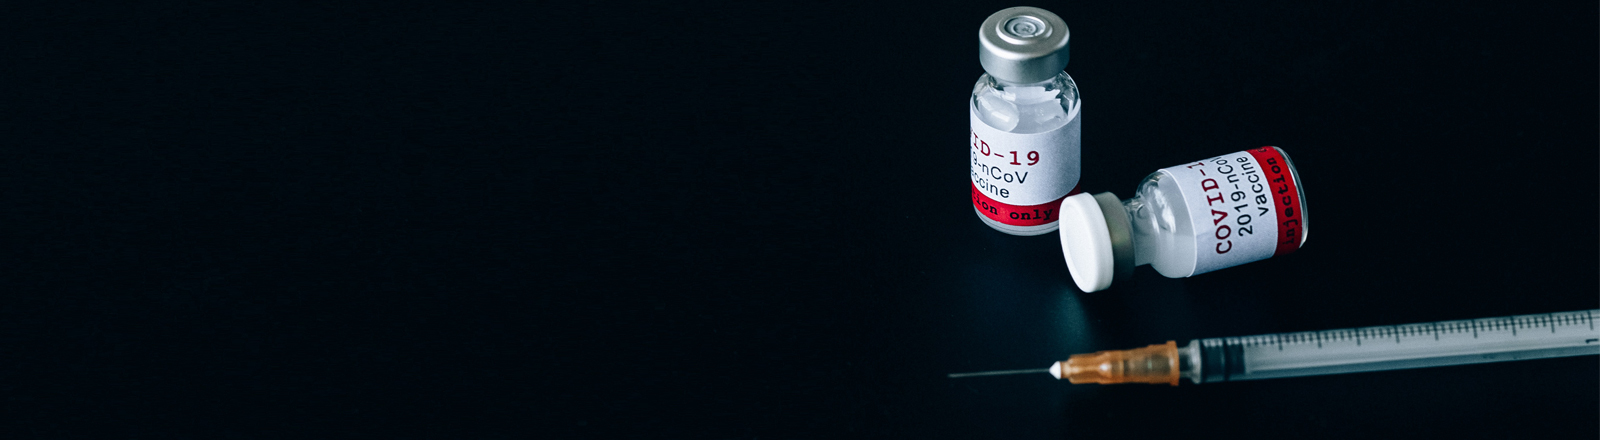 Eine Spritze liegt neben zwei Impfdosen.